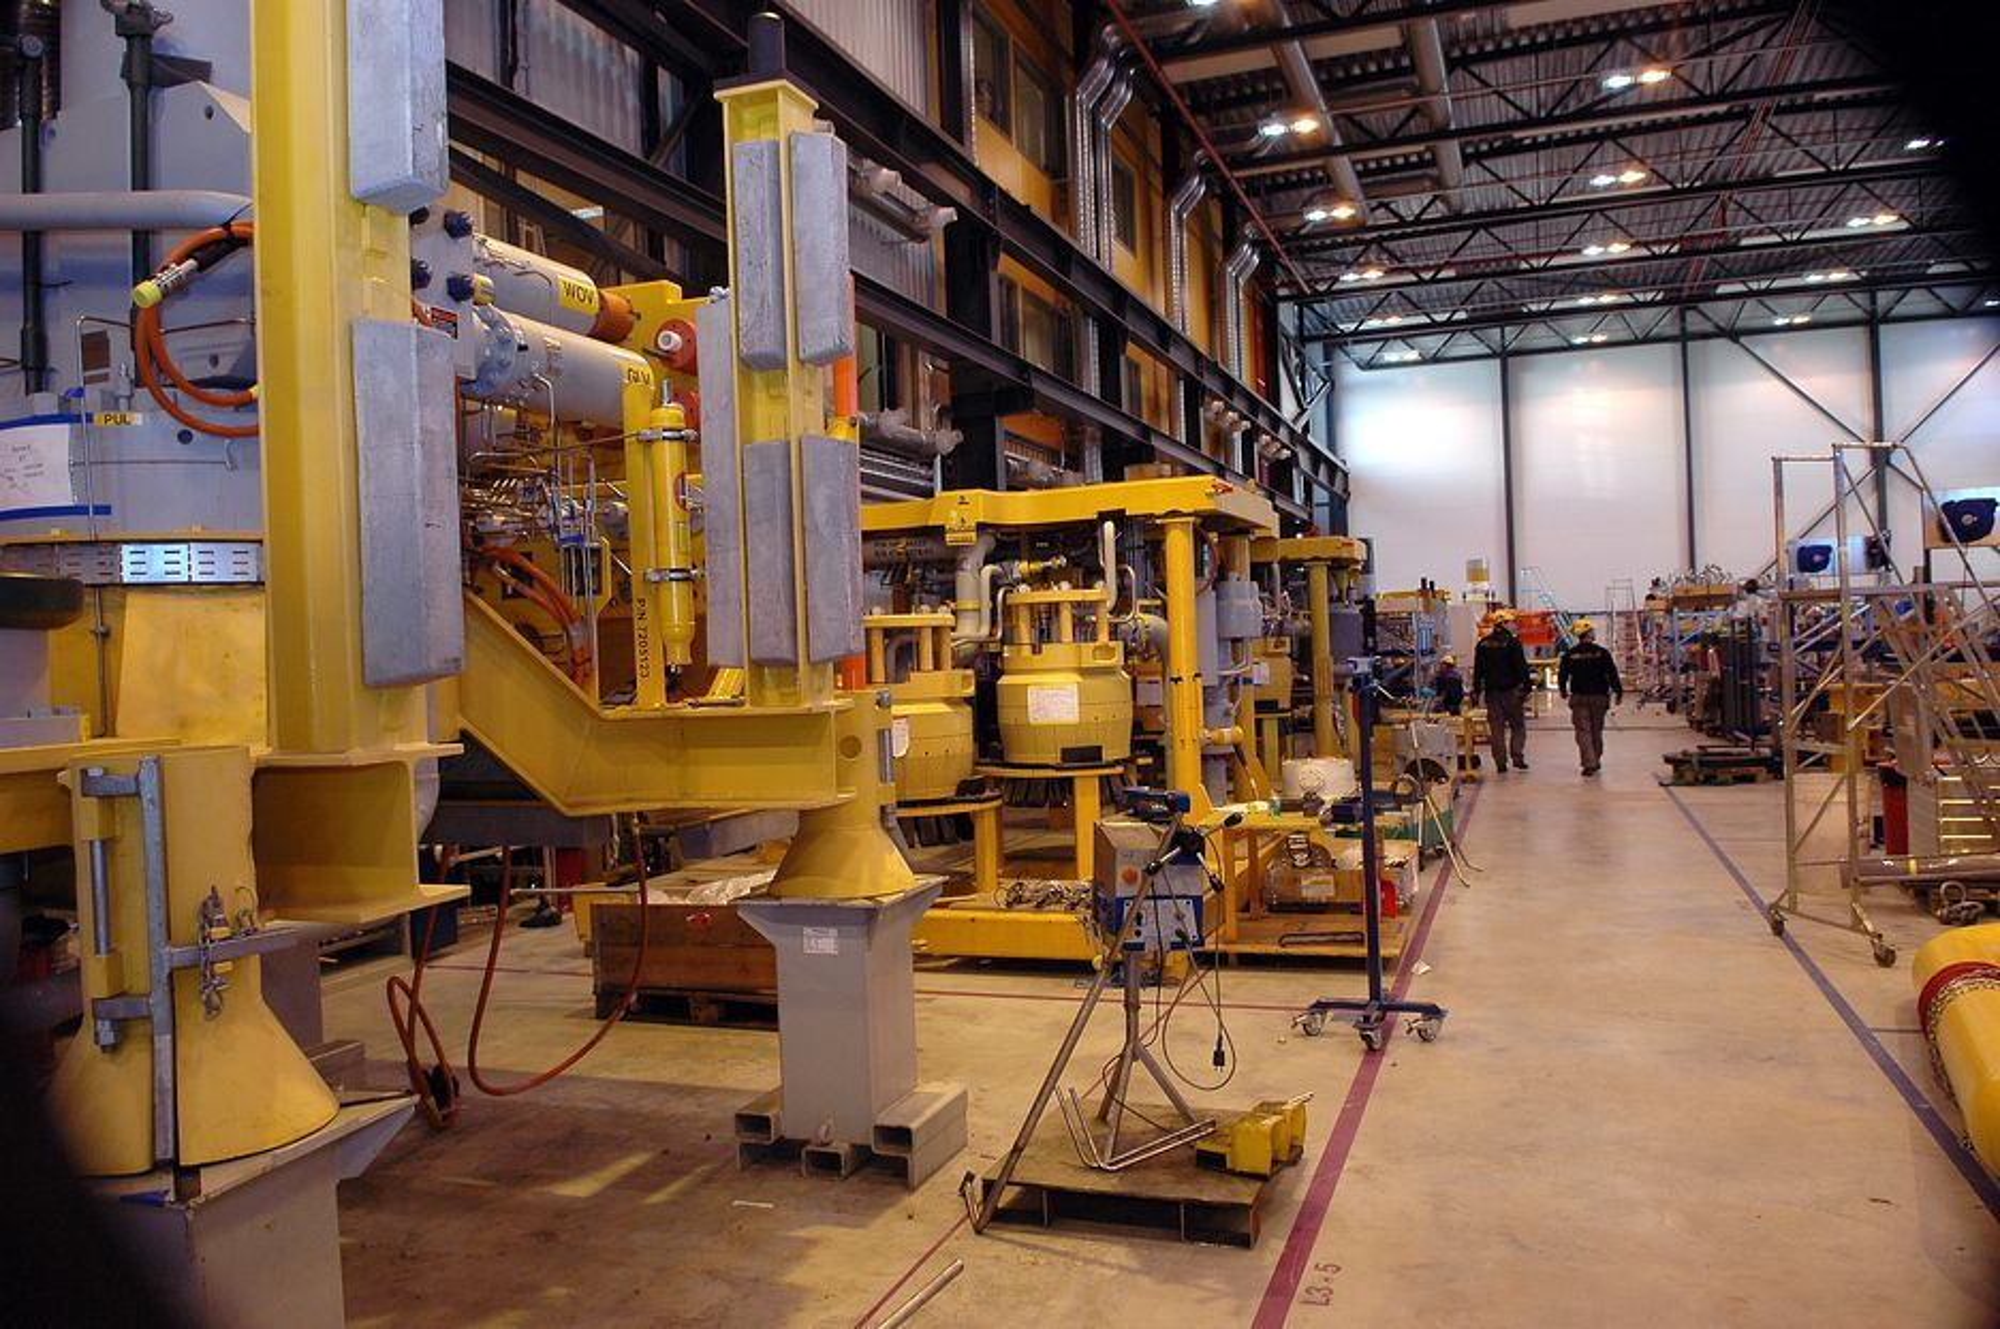 FMC Technologies Kongsberg leverer undervannsproduksjonssystemer. Selskapet går nå fra 2000 til 1500 ansatte.